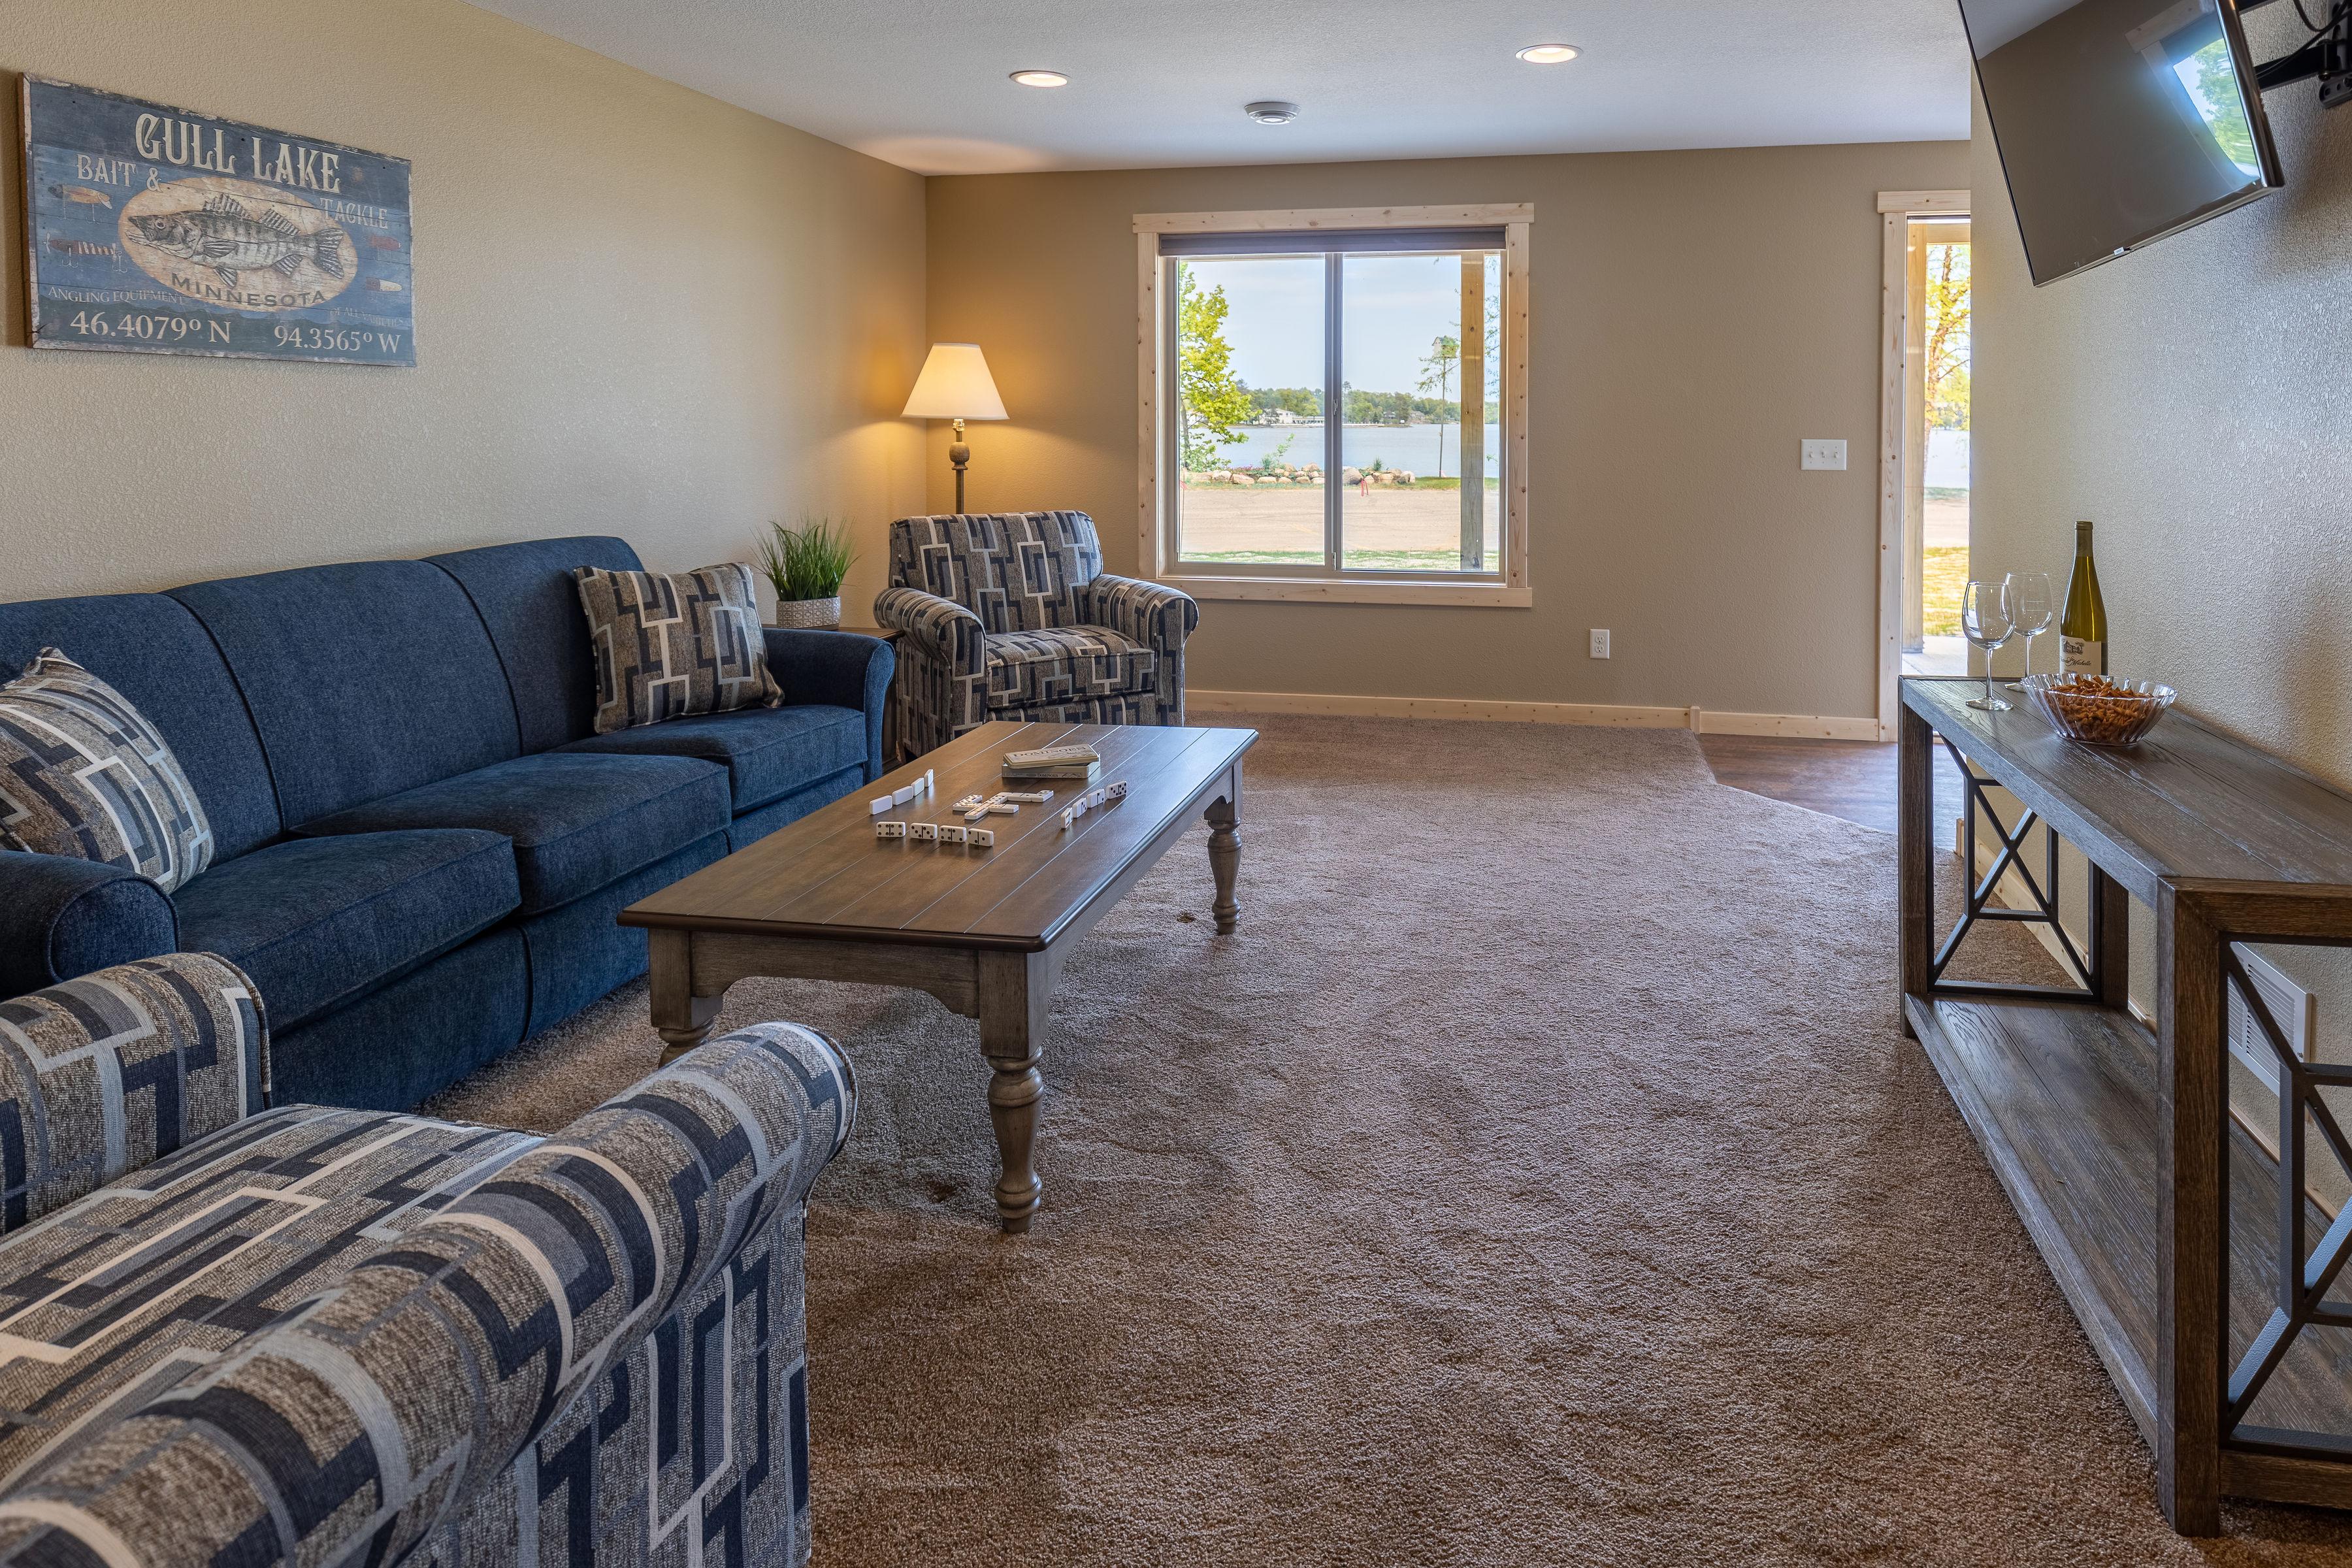 112_lower_level_living_room